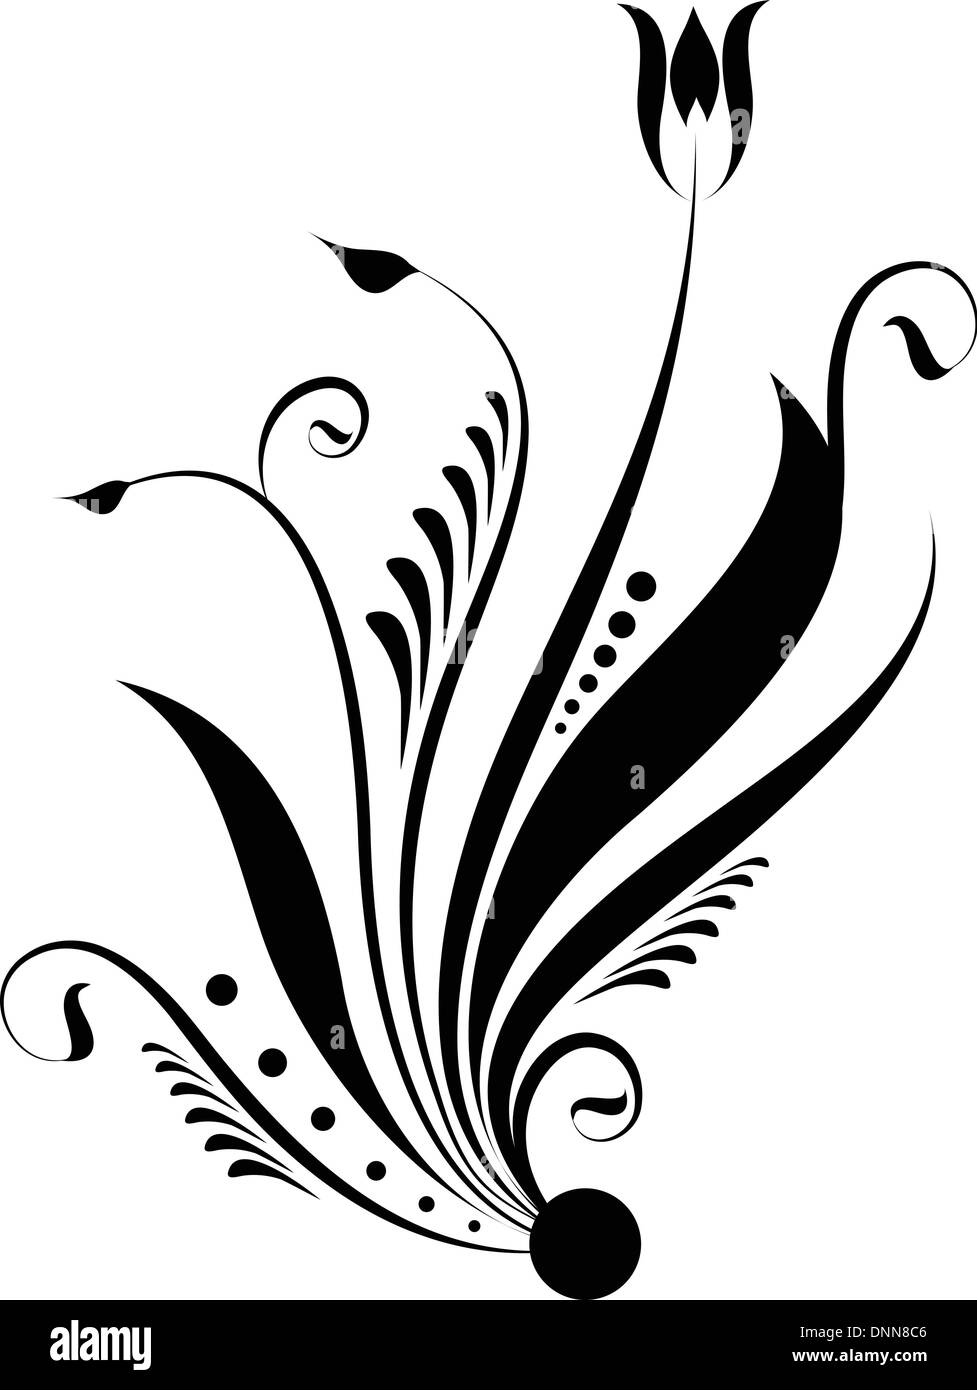 Abstraktes dekoratives design Stockbild